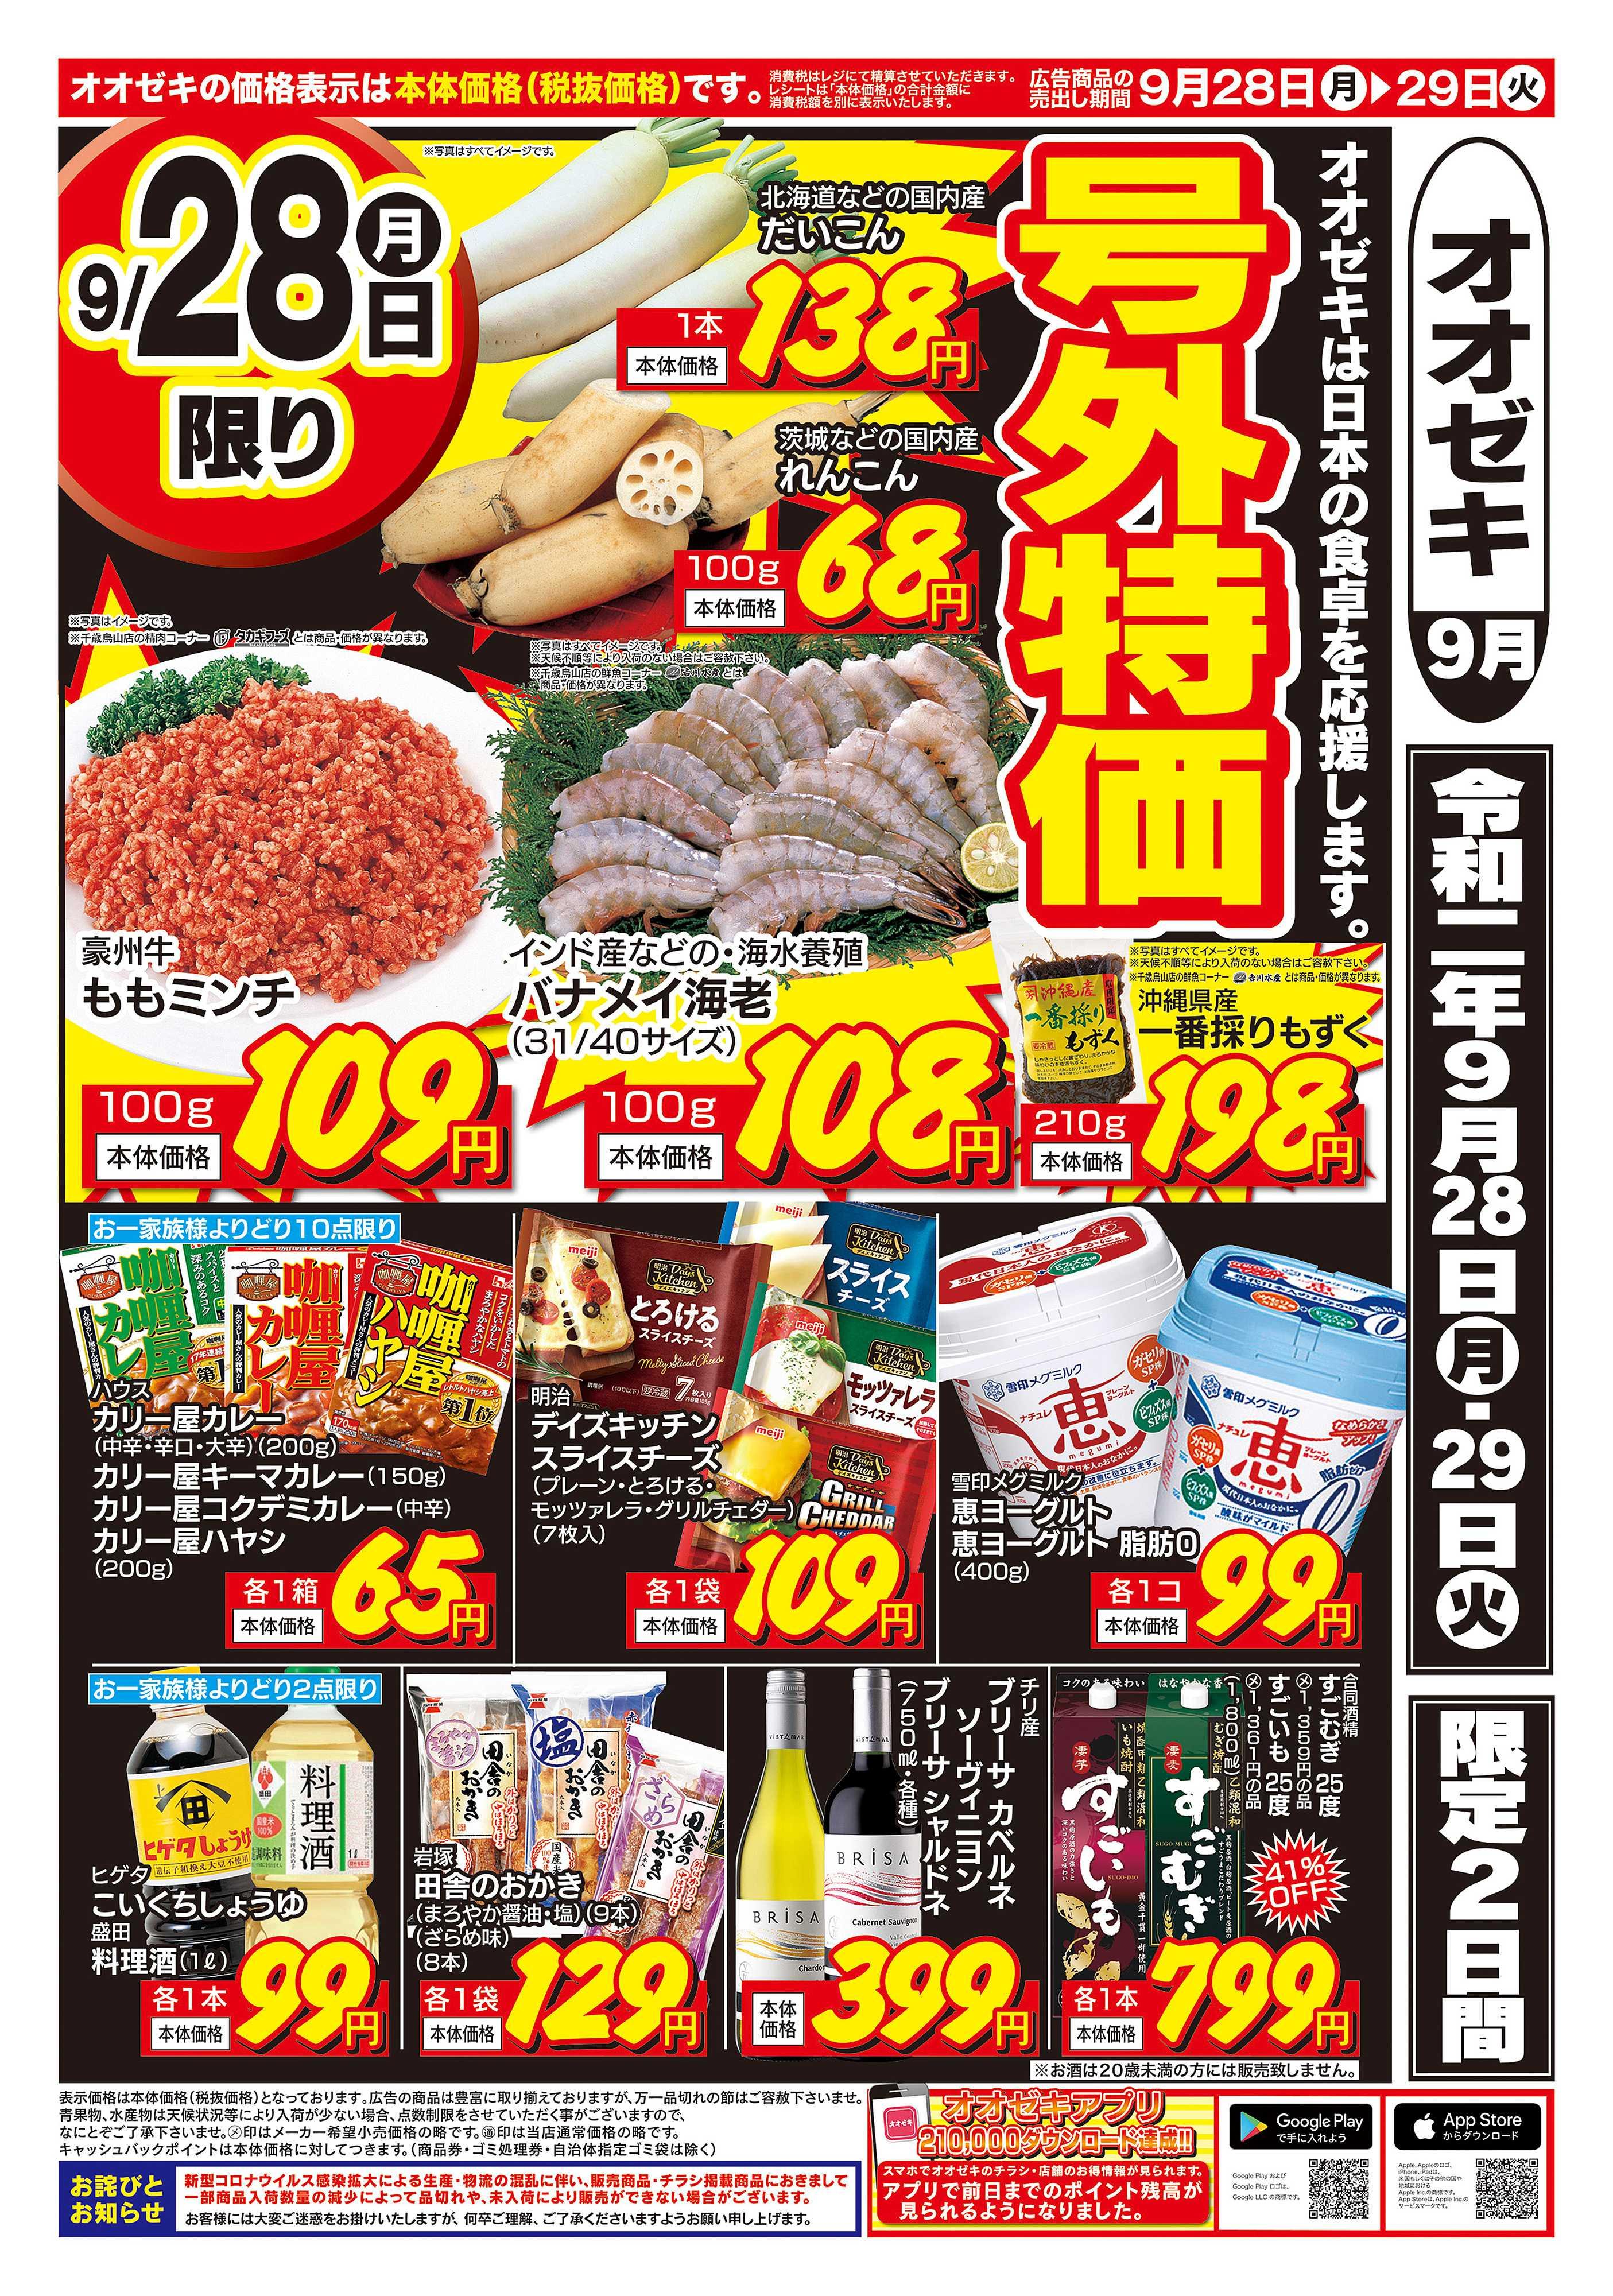 オオゼキ 9/28(月)~9/29(火)2日間限り 号外特価